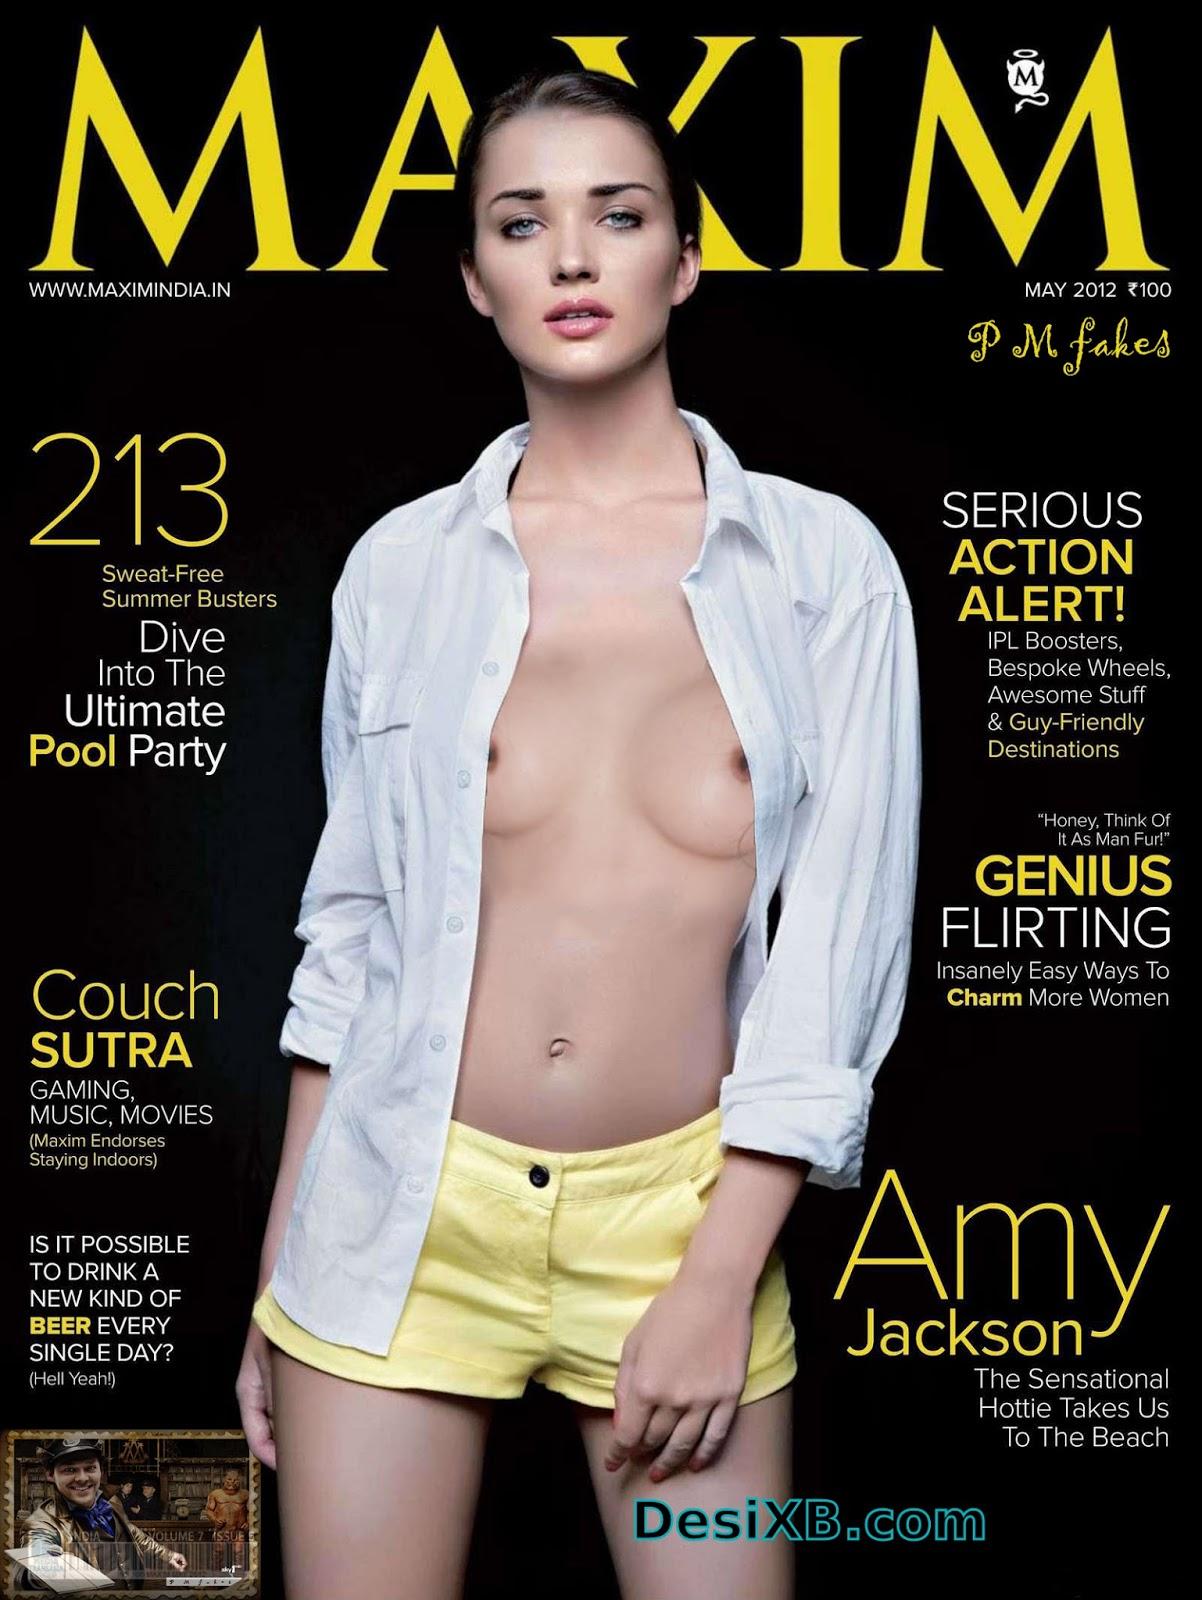 Amy Jackson Top Less Photos amy jackson xxx bikini sex photos   xs-socks